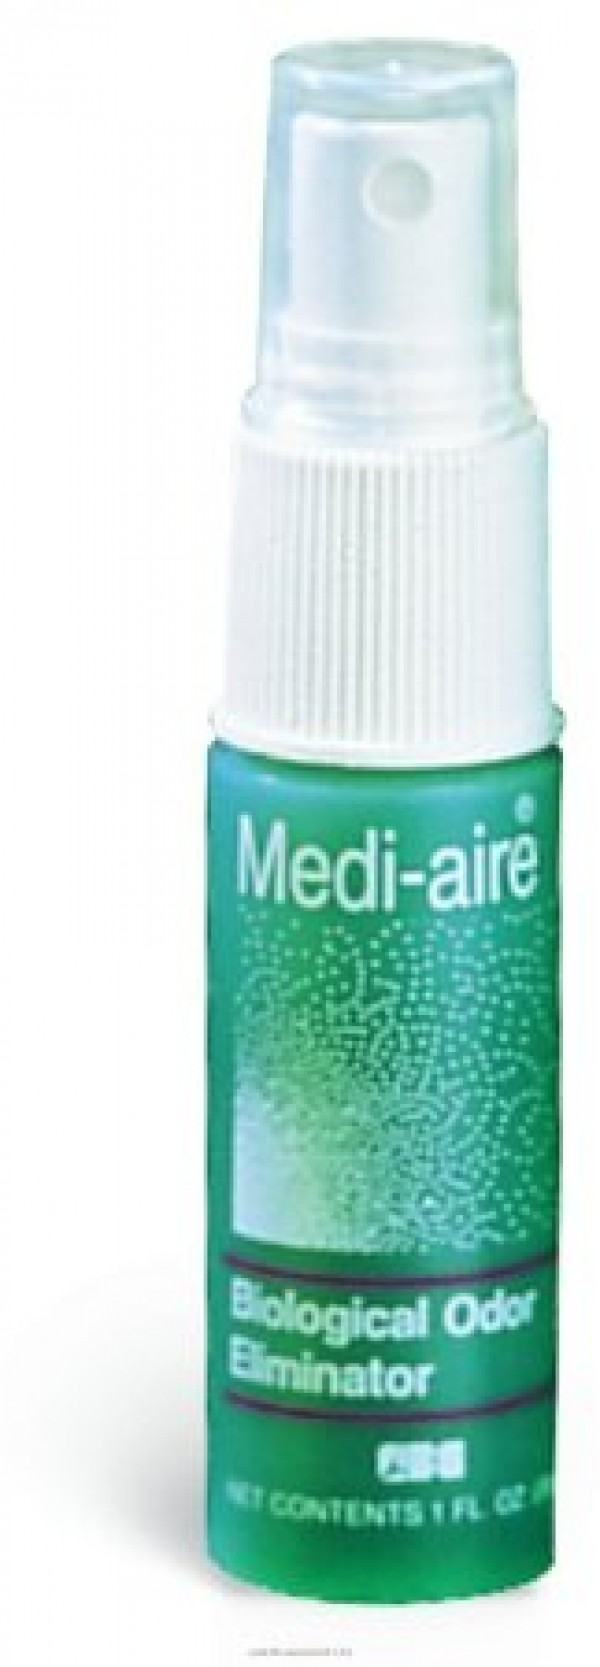 Bard Medi-Aire Biological Odor Eliminator